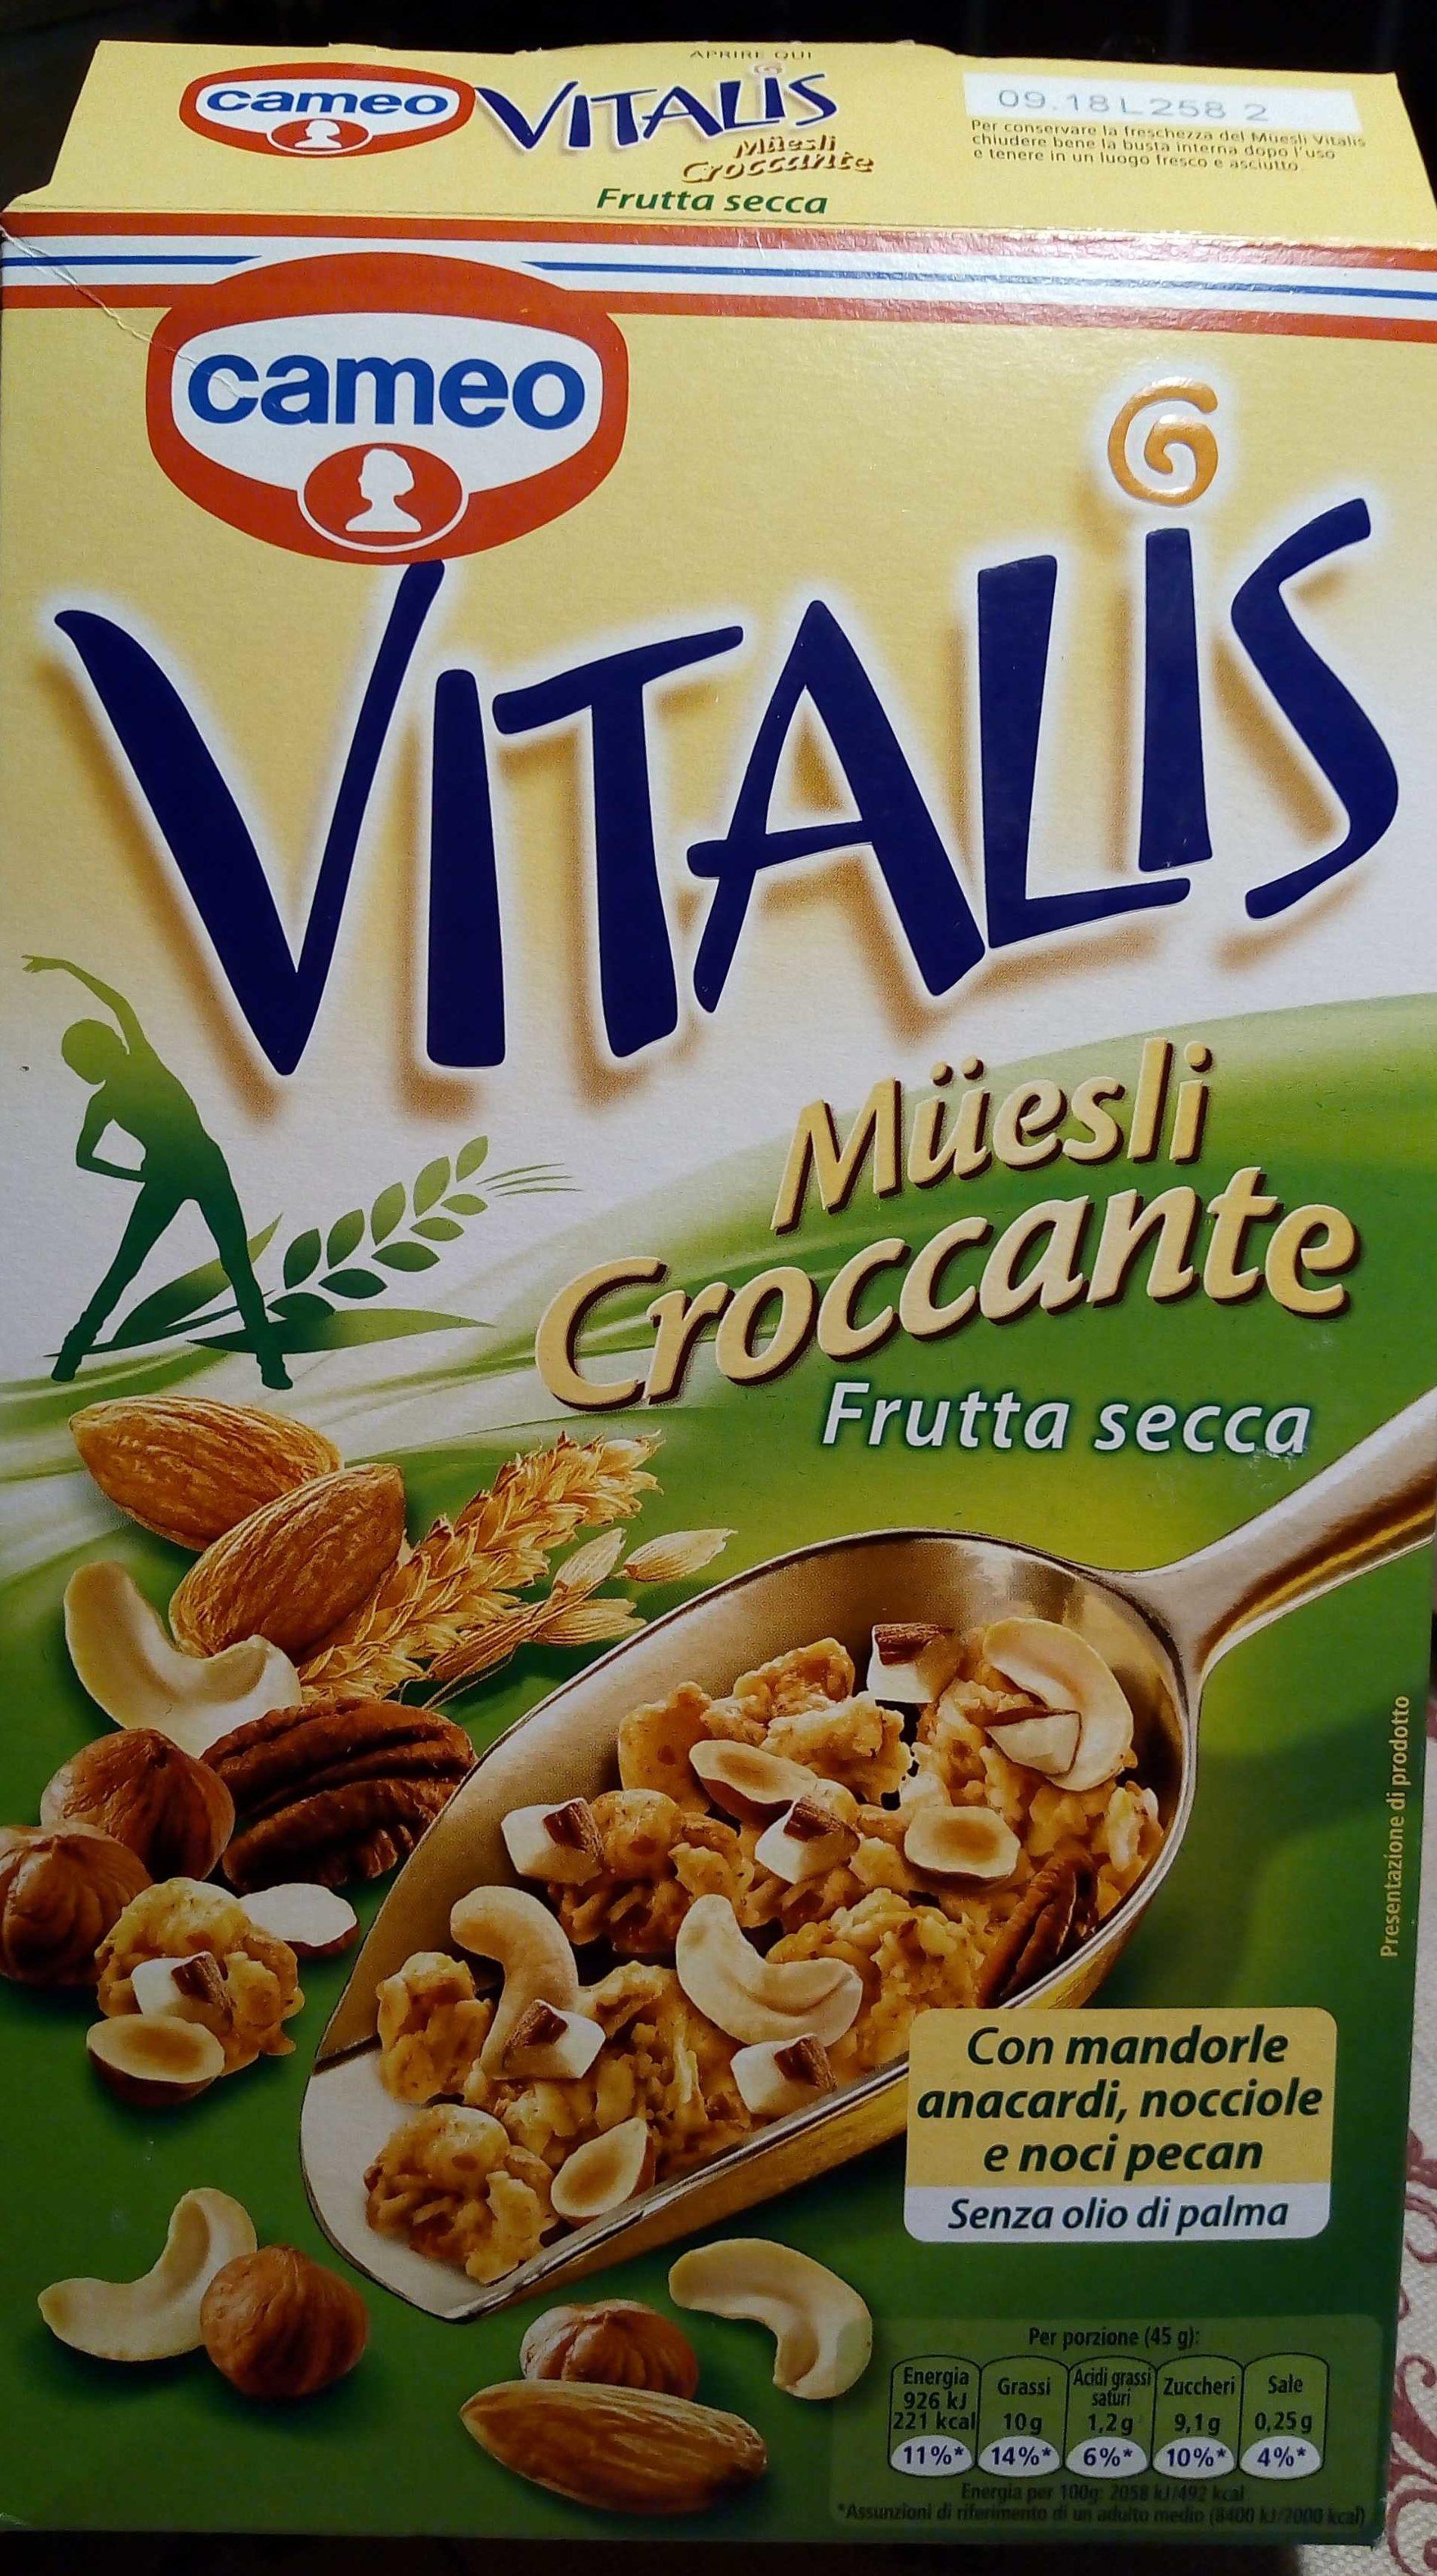 Vitalis Müesli Croccante Frutta Secca - Product - fr